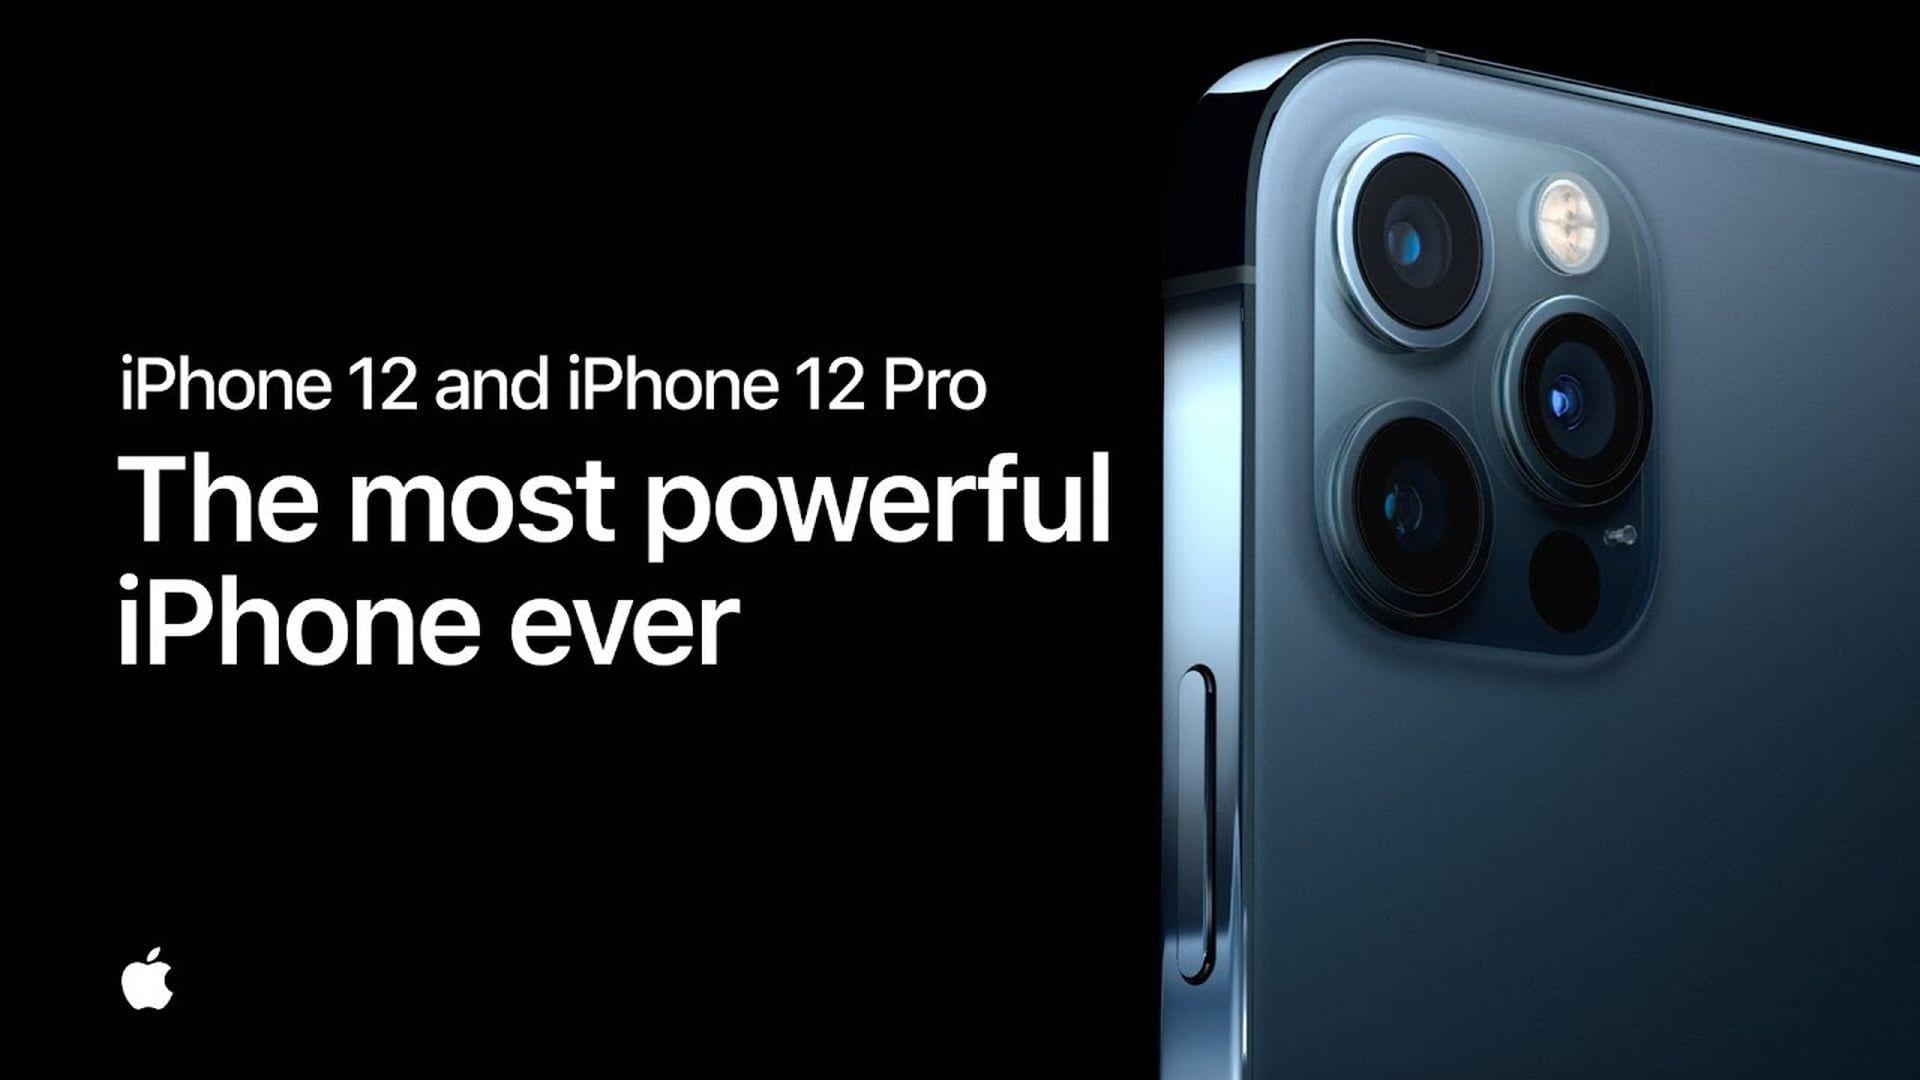 Firma Apple udostępniła nowe reklamy iPhone'ów 12 i 12 Pro